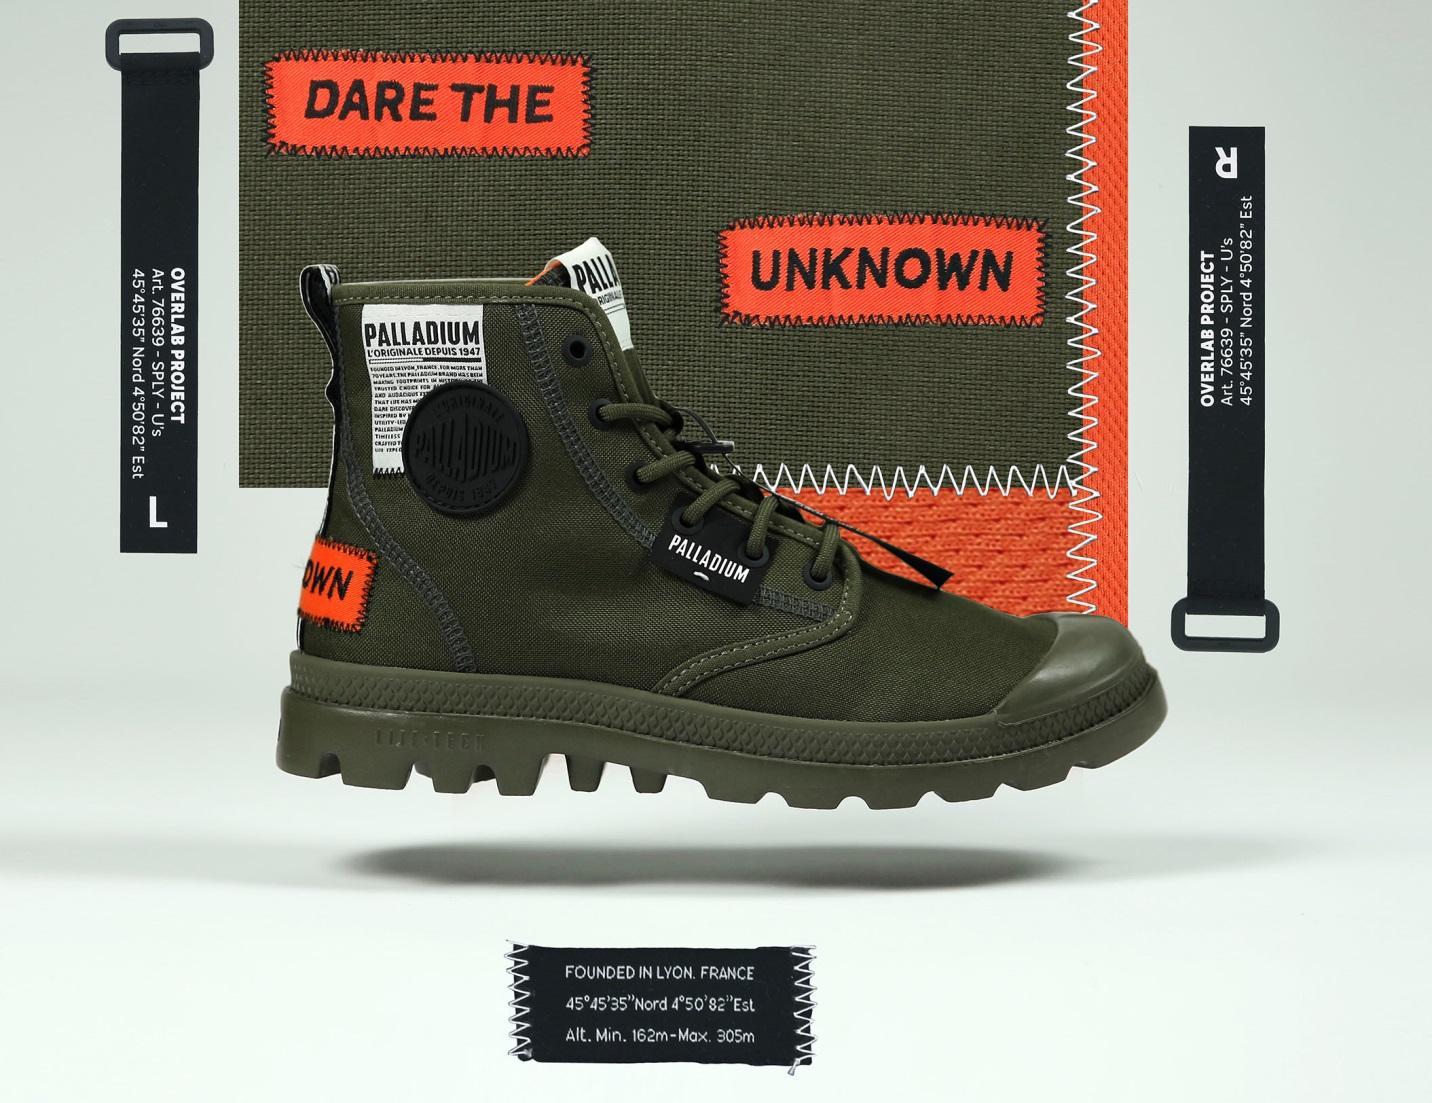 Palladium ra mắt BST giày mới mang tên Overlab